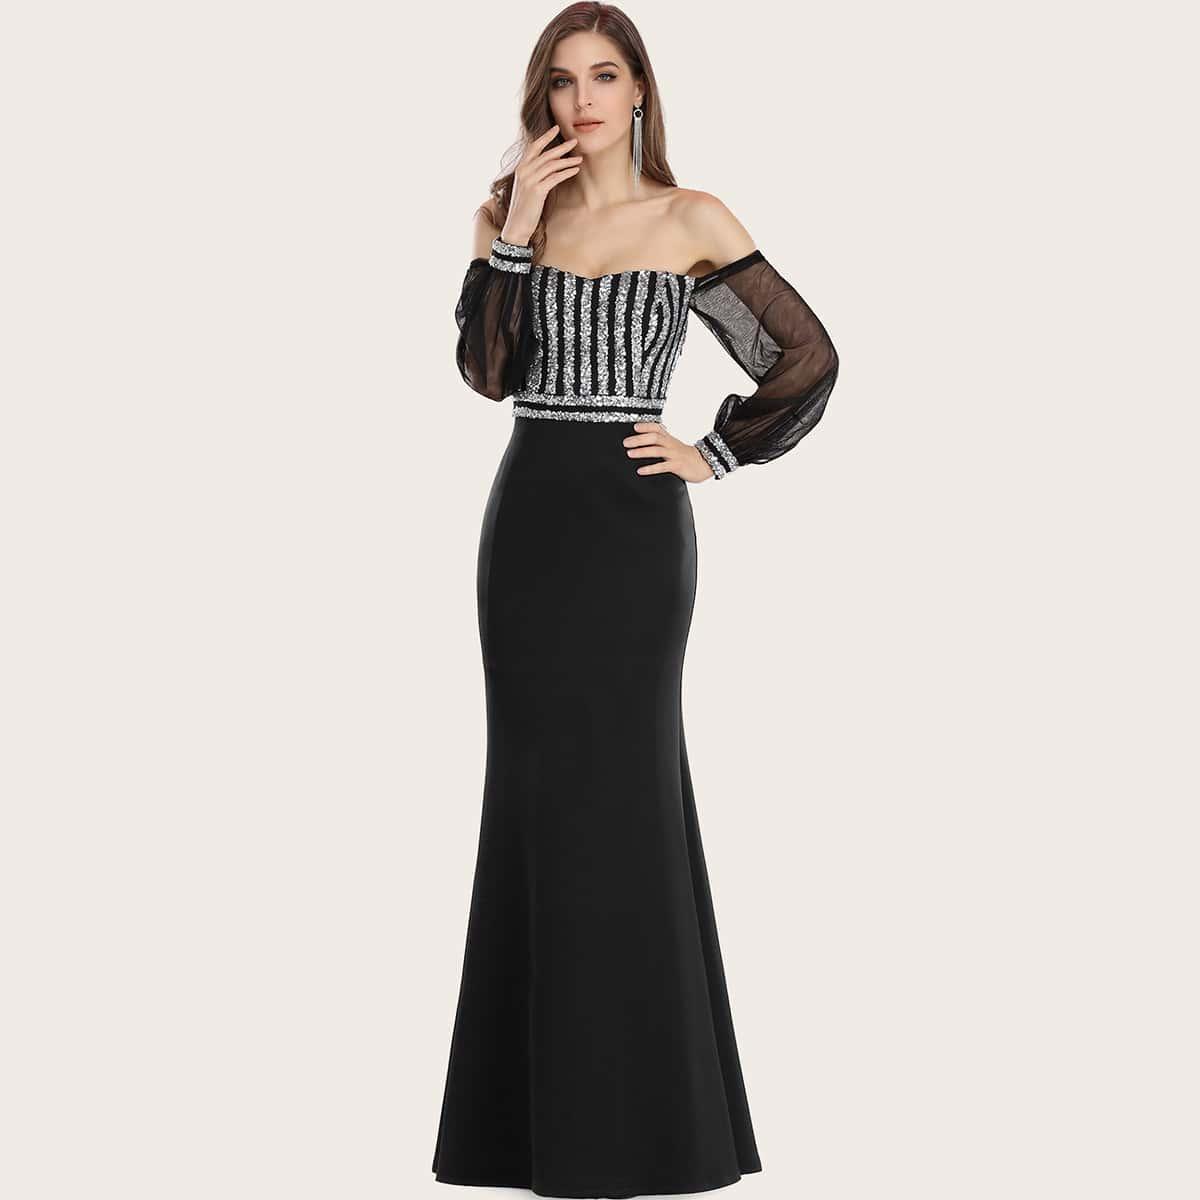 EverPretty Платье с открытыми плечами, прозрачным рукавом и блестками